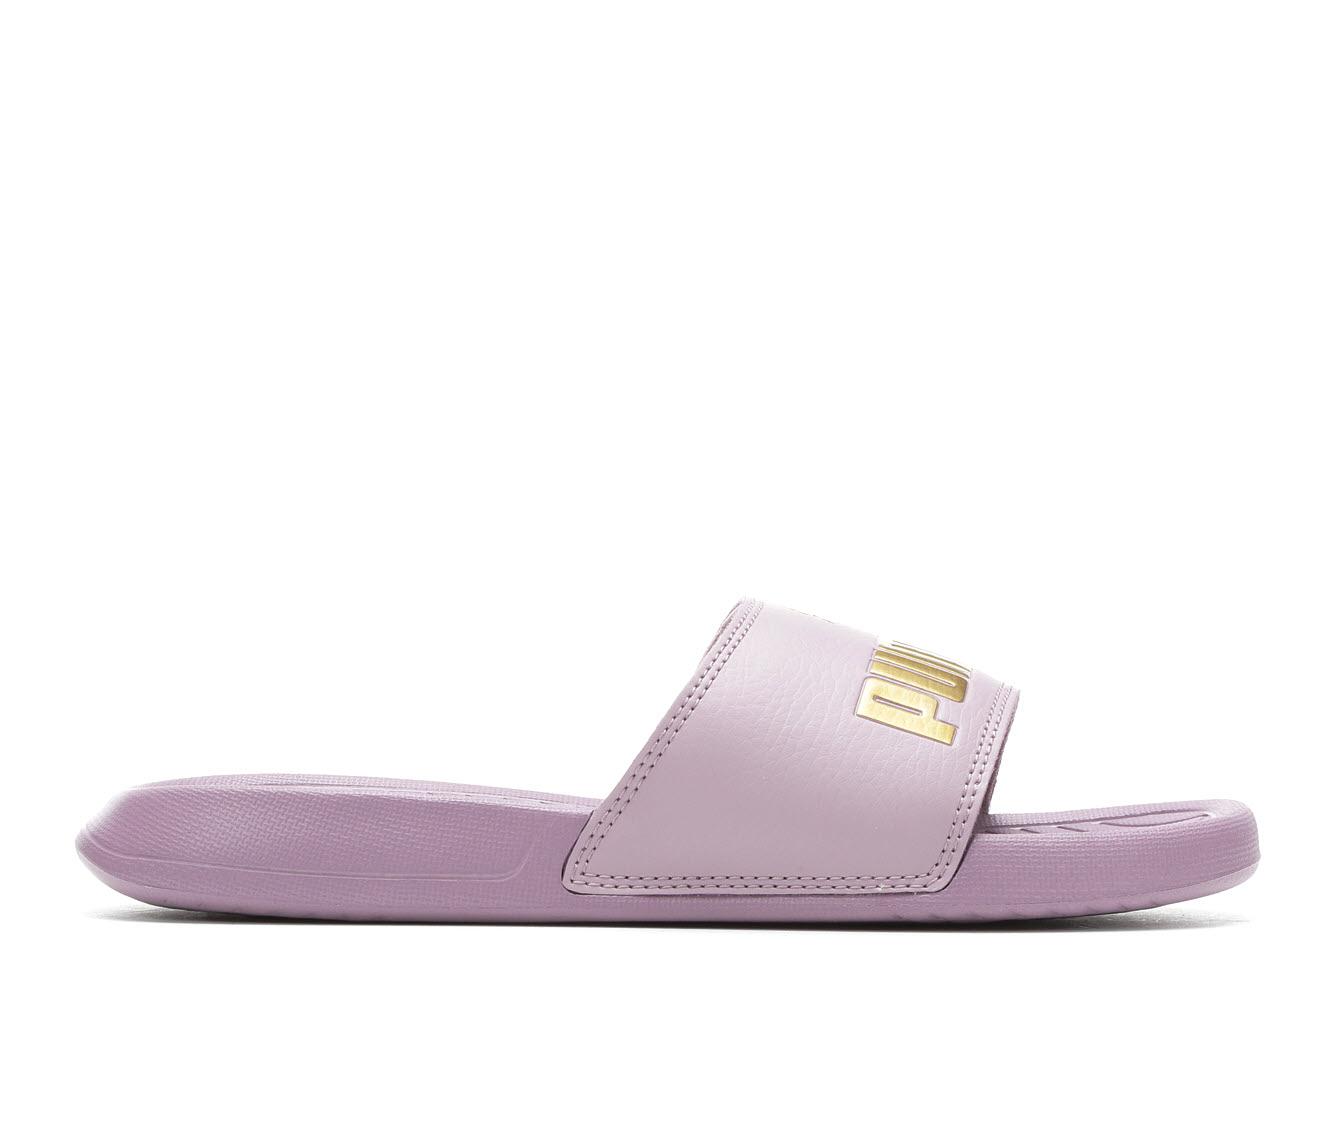 Puma Popcat Womens Women's Shoe (Purple Faux Leather)